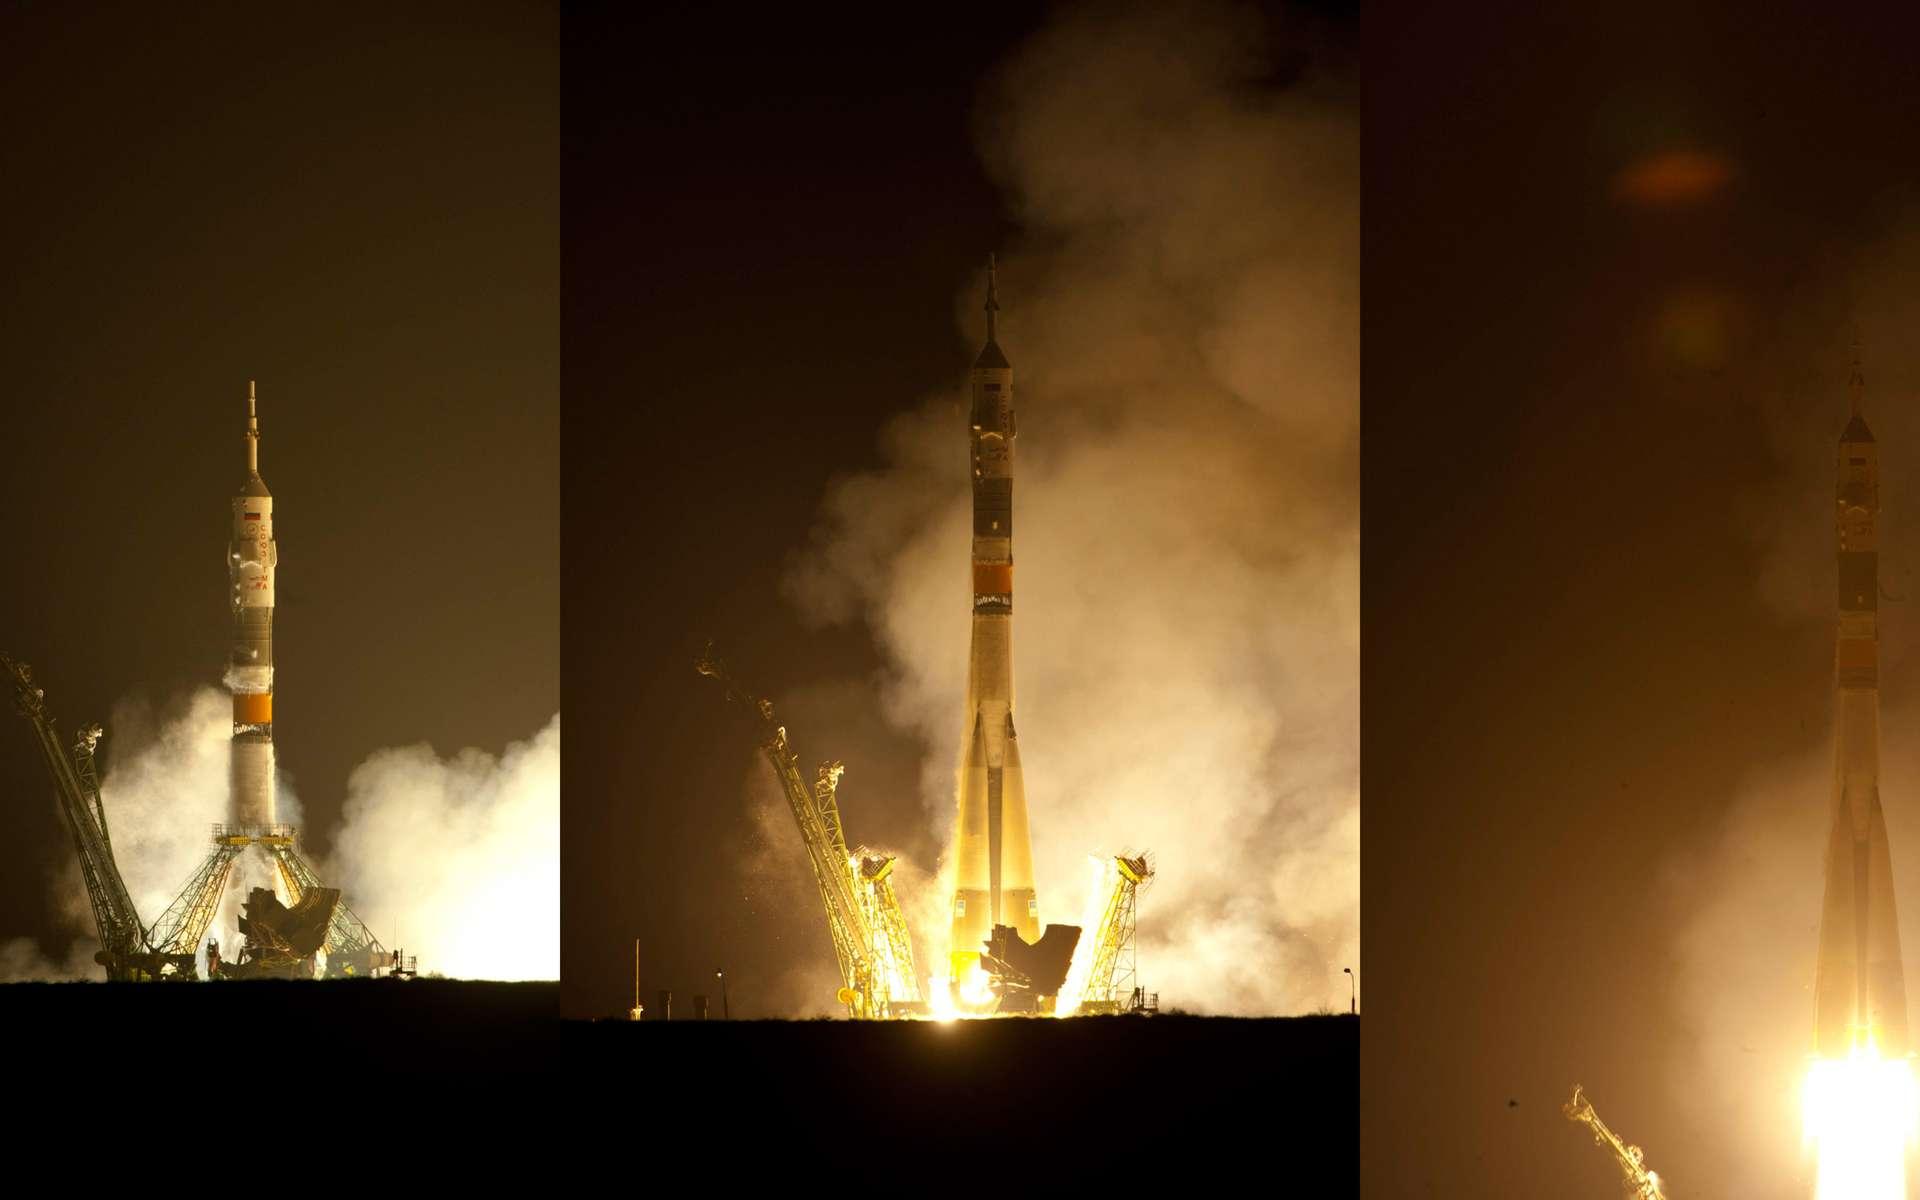 Paolo Nespoli est en route vers la Station en compagnie de Dimitri Kondratiev et Catherine Coleman. Trente-cinq orbites autour de la Terre et trois poussées seront nécessaires avant que la capsule Soyuz s'amarre à la Station, le 17 décembre. © Esa/S. Corvaja